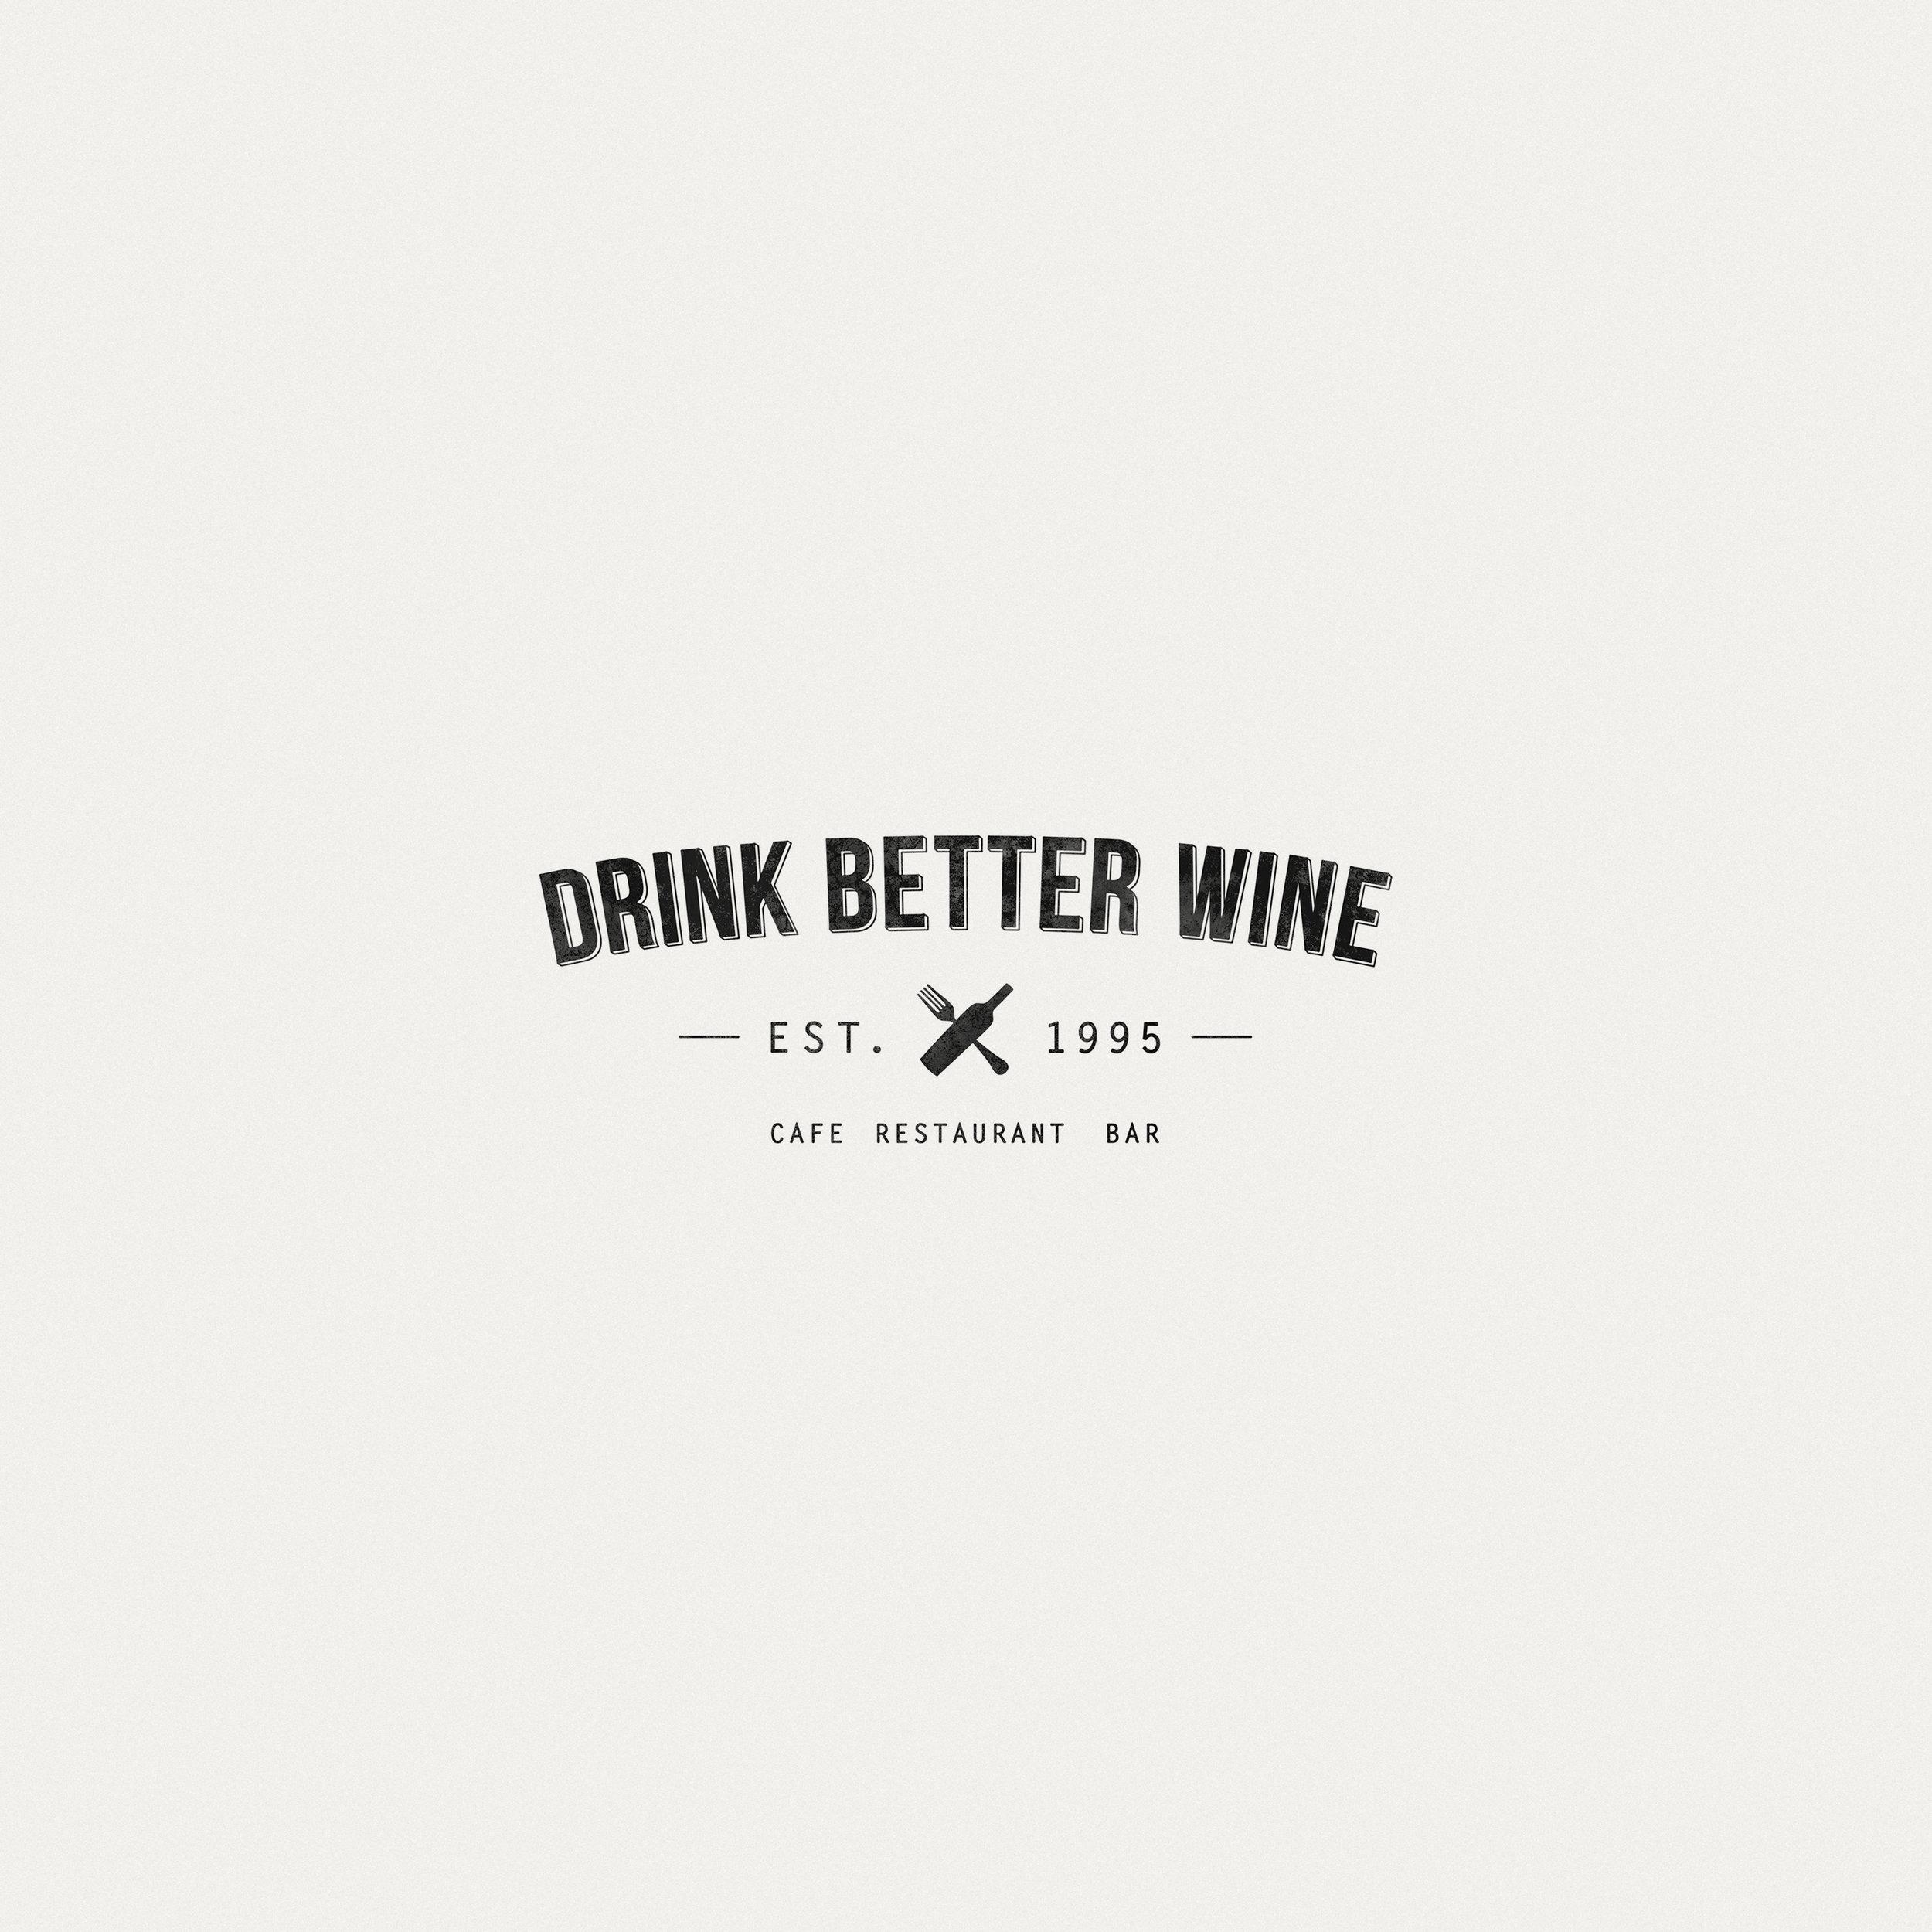 restaurant-logo-design.jpg